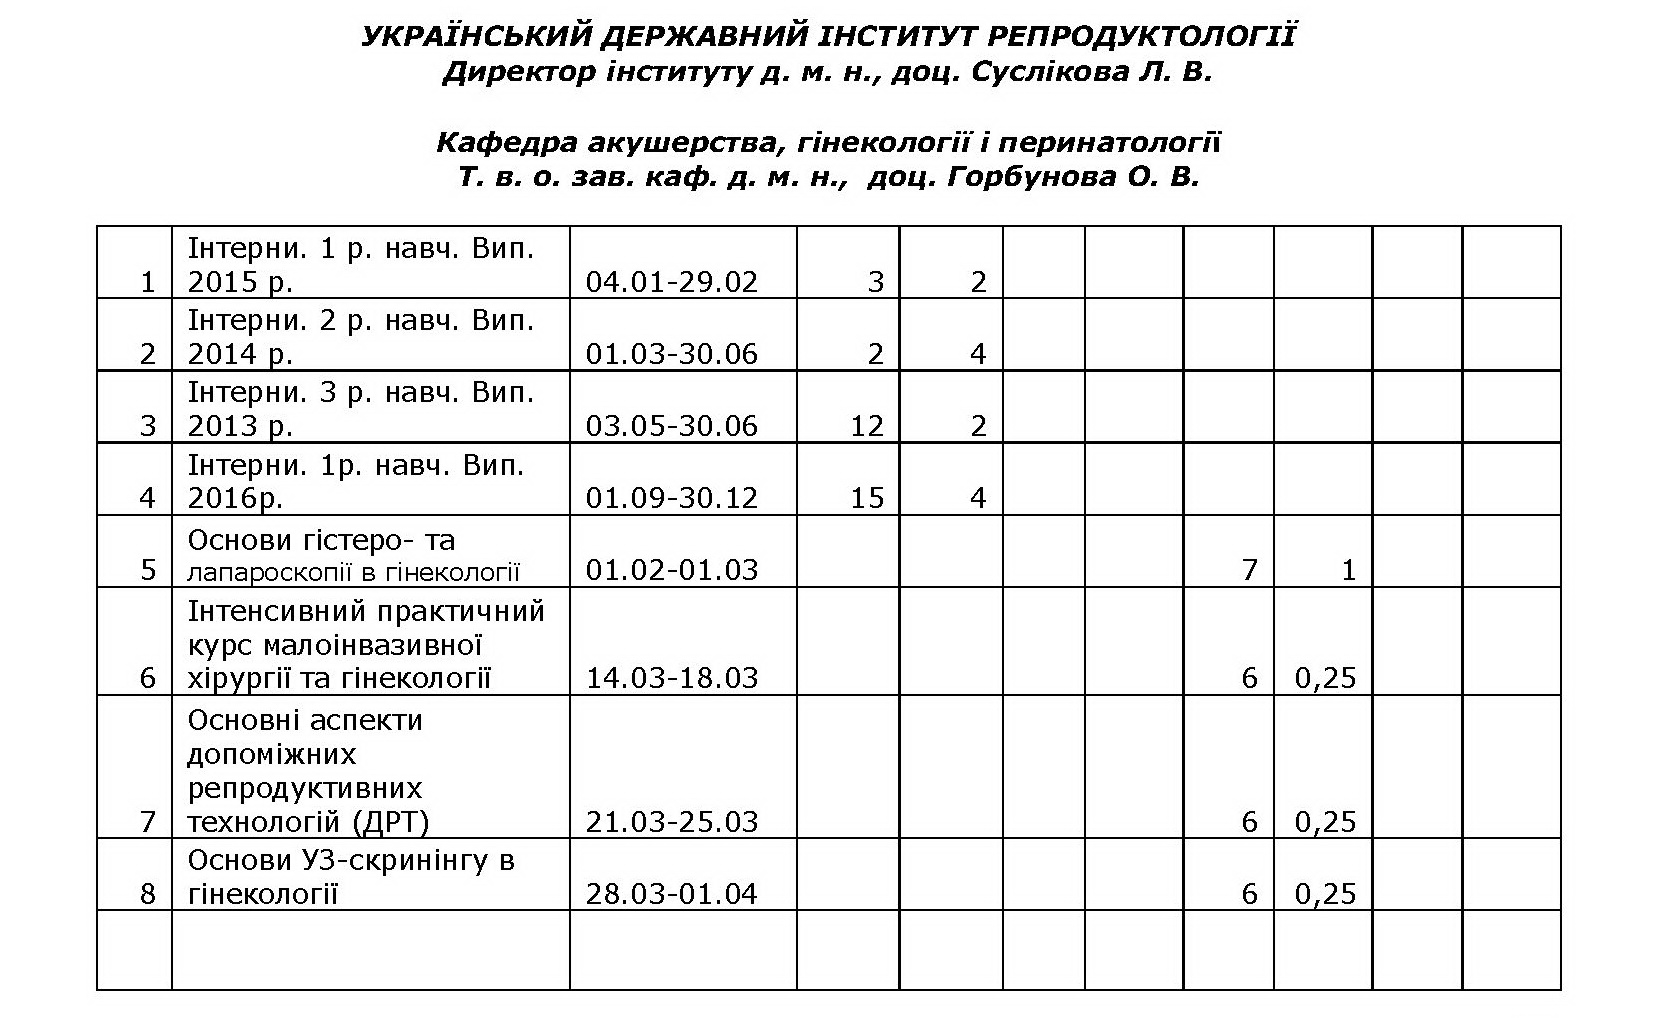 пери1